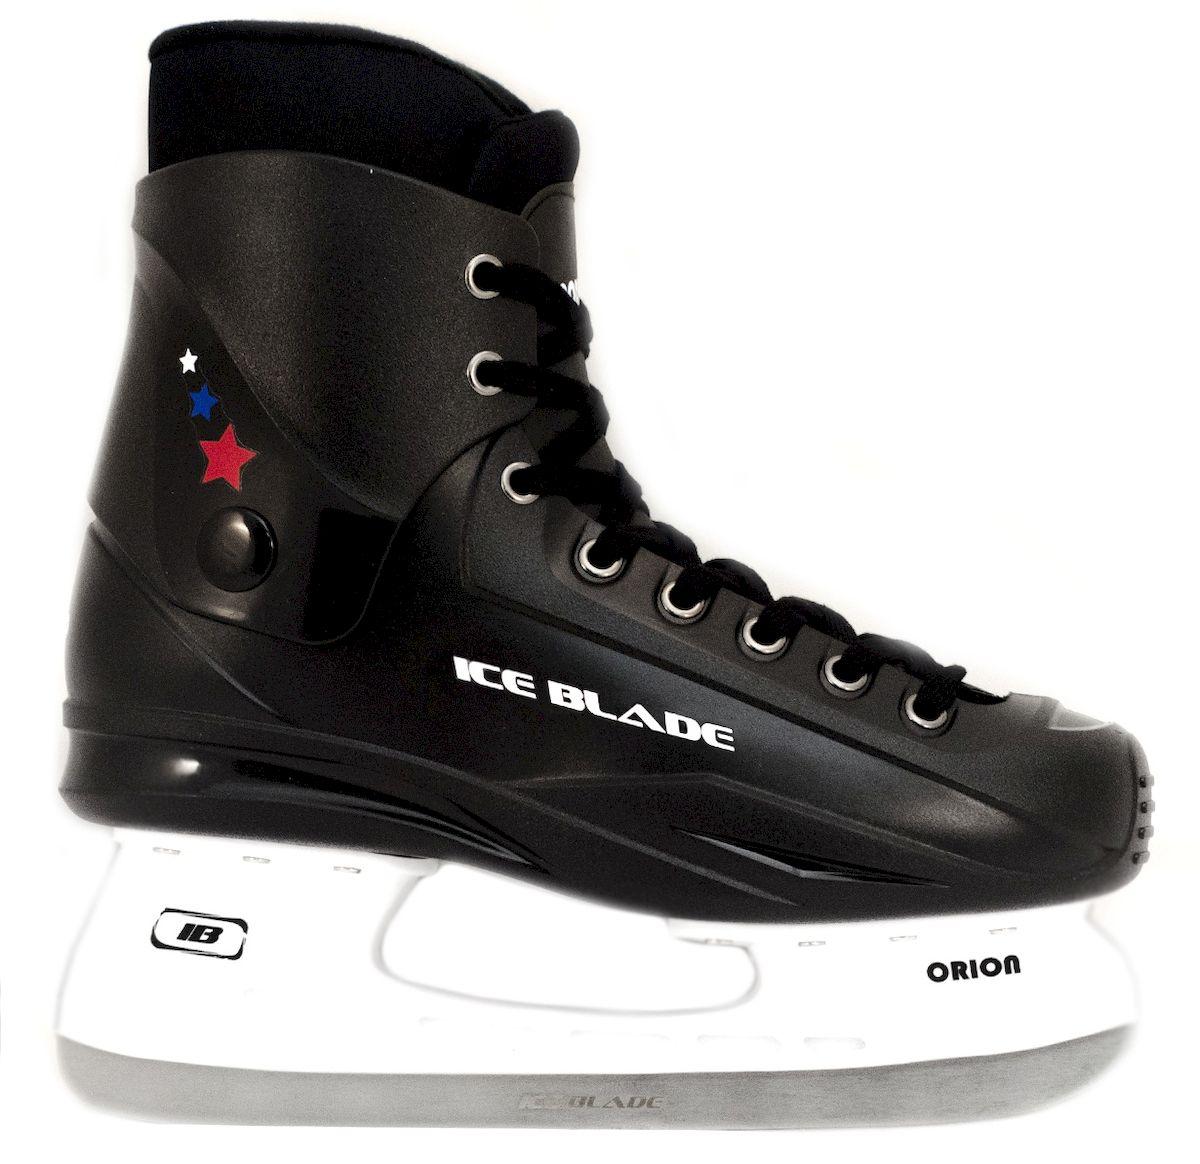 Коньки хоккейные Ice Blade Orion, цвет: черный. УТ-00004984. Размер 44Atemi Force 3.0 2012 Black-GrayКоньки хоккейные Ice Blade Orion - это хоккейные коньки для любых возрастов. Конструкция прекрасно защищает стопу, очень комфортна для активного катания, а также позволяет играть в хоккей. Легкий ботинок очень комфортный как для простого катания на льду, так и для любительского хоккея. Ботинок выполнен из высококачественного морозостойкого пластика и нейлоновой сетки. Внутренний сапожок утеплен мягким и дышащим вельветом, а язычок усилен специальной вставкой для большей безопасности стопы. Лезвие изготовлено из высокоуглеродистой стали, что гарантирует прочность и долговечность.Удобная система фиксации ноги и улучшенная колодка сделают катание комфортным и безопасным.